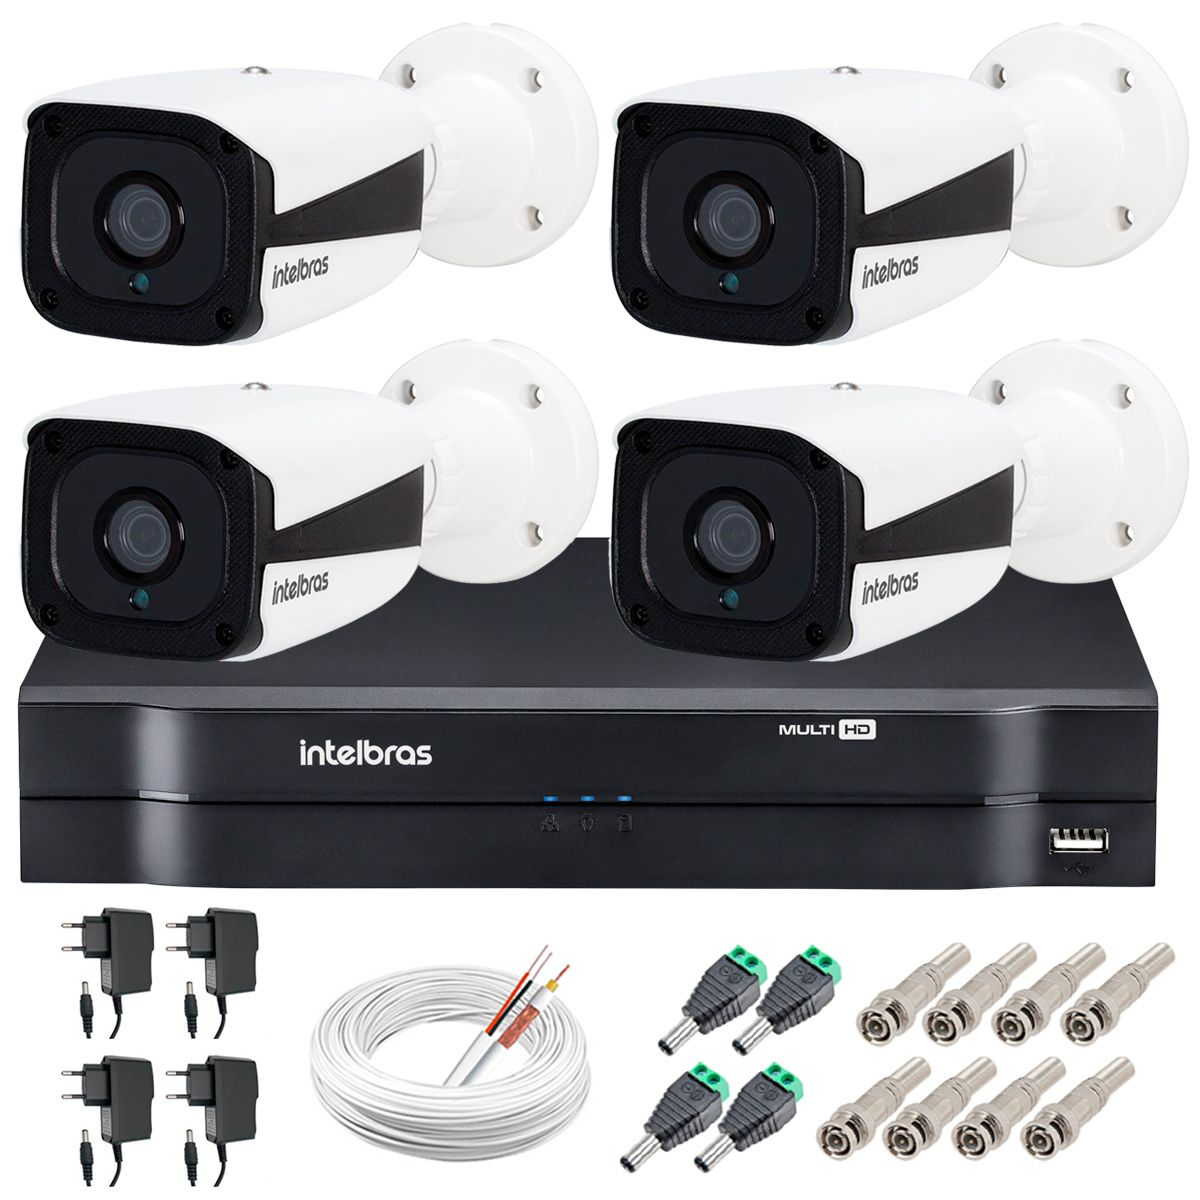 Kit Intelbras 4 Câmeras HD 720p VMH 3130 B + DVR Intelbras + Acessórios  - Tudo Forte